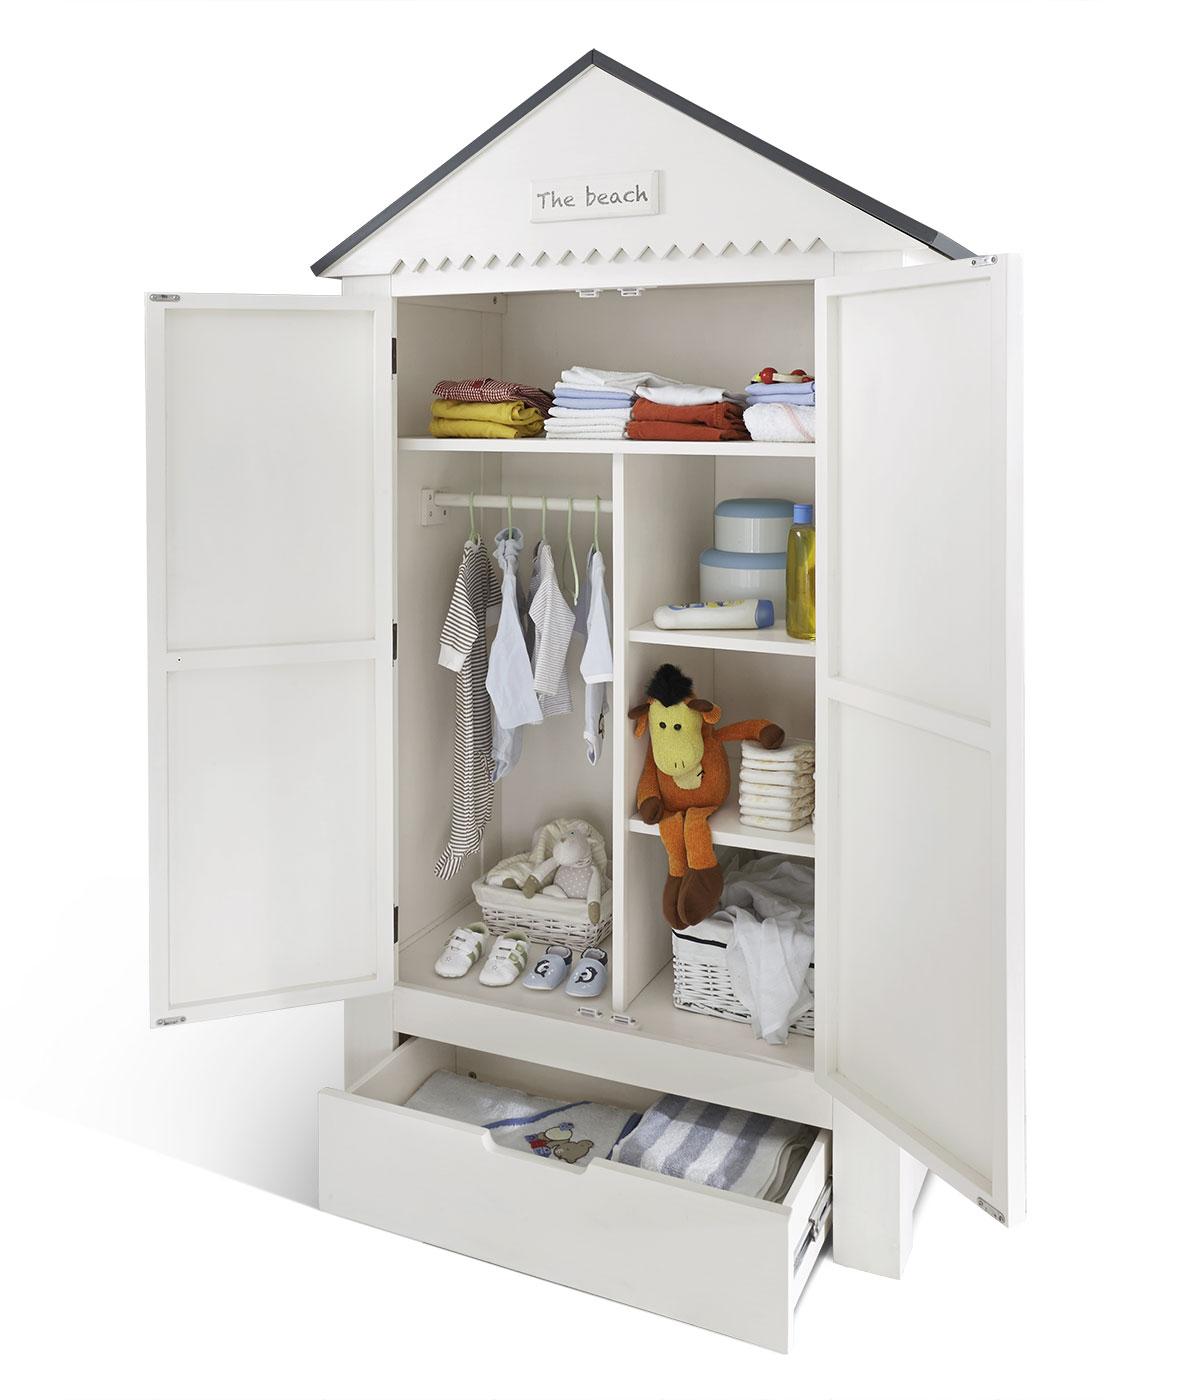 ausgezeichnet ordnung kleiderschrank baby fotos die besten wohnideen. Black Bedroom Furniture Sets. Home Design Ideas